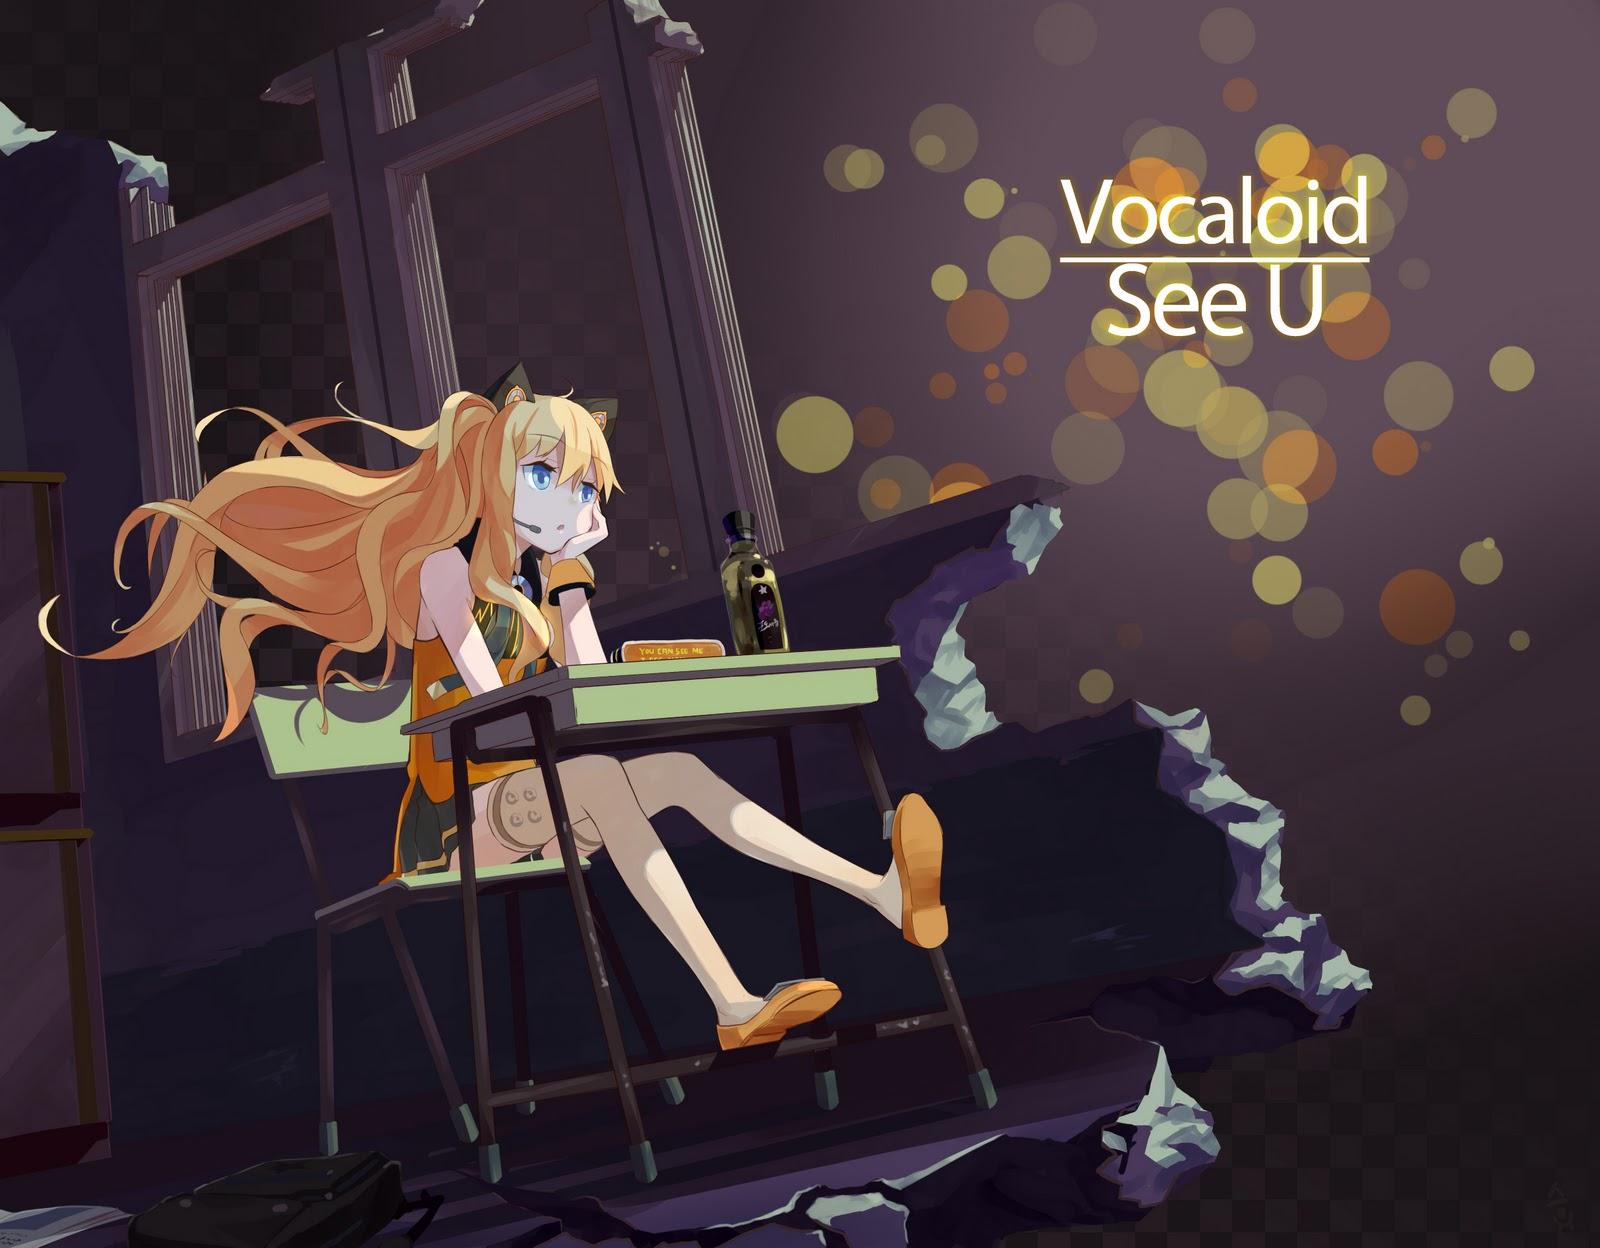 Secret After School [Secreto Despues de la Escuela] Konachan.com+-+117969+seeu+vocaloid+yunamul